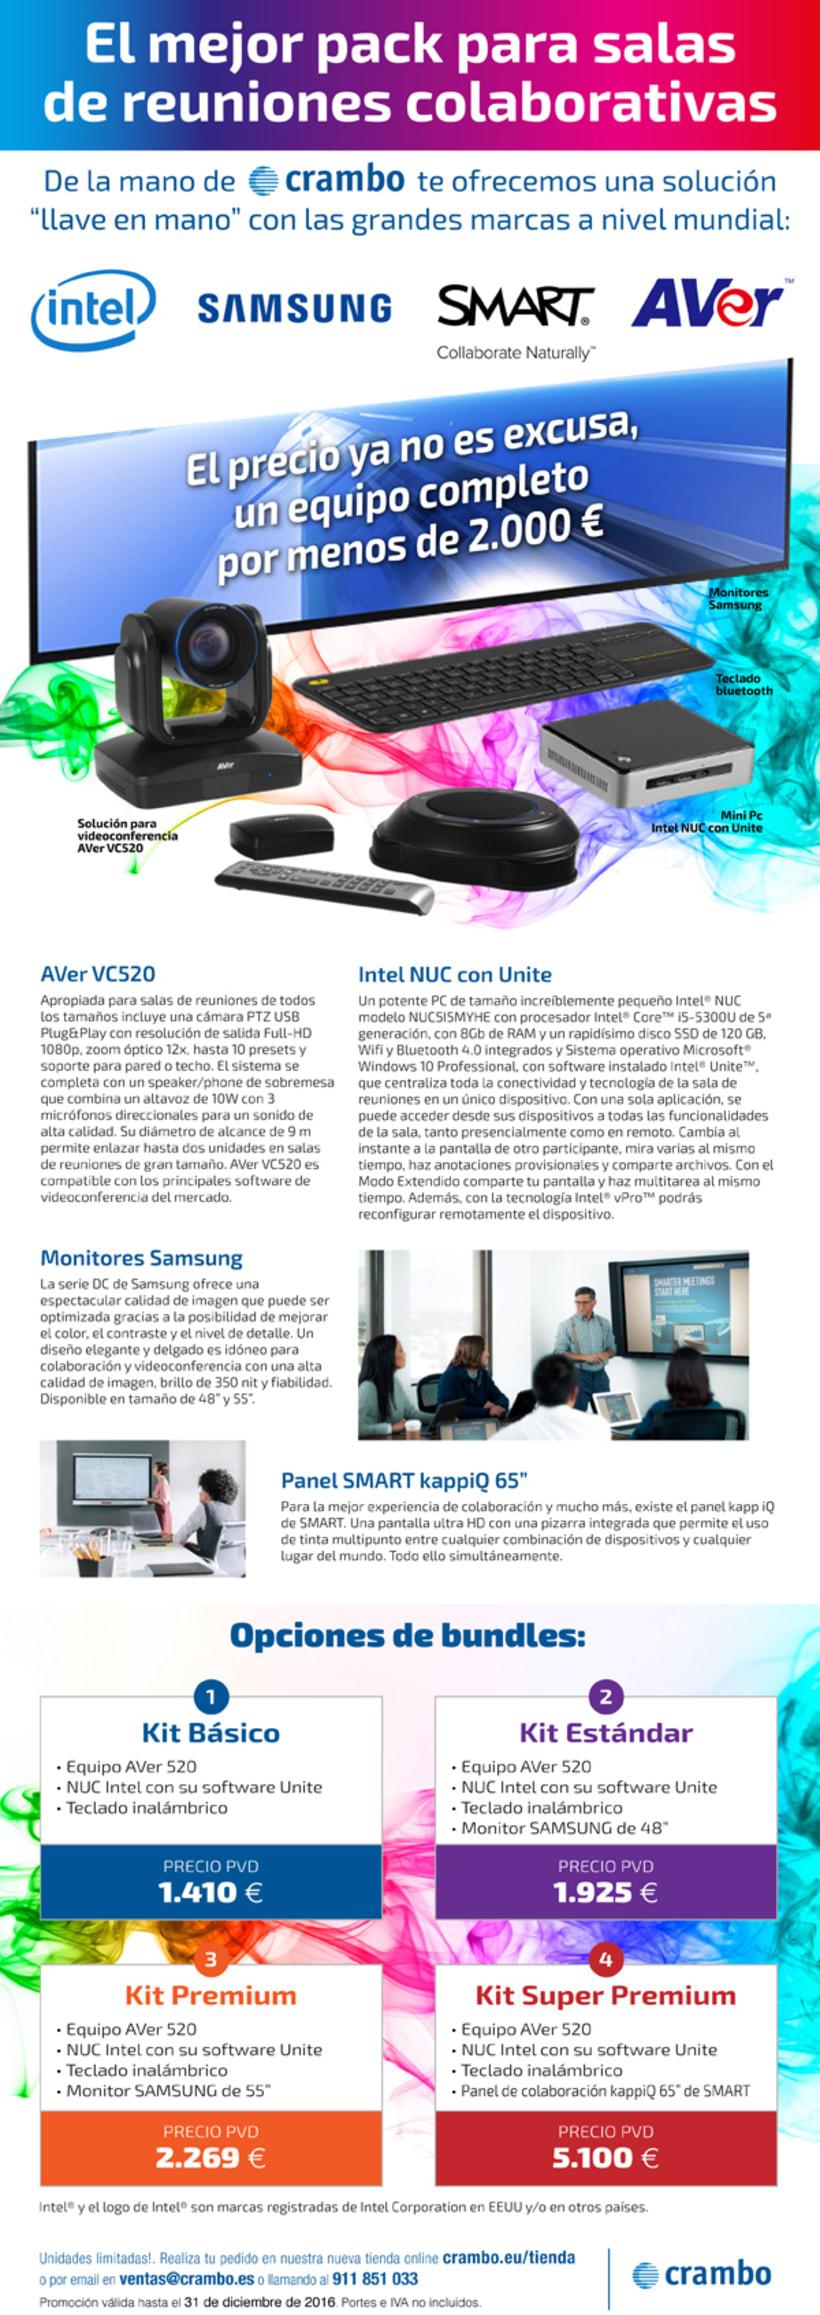 E-mail marketing equipo reuniones varias marcas -1